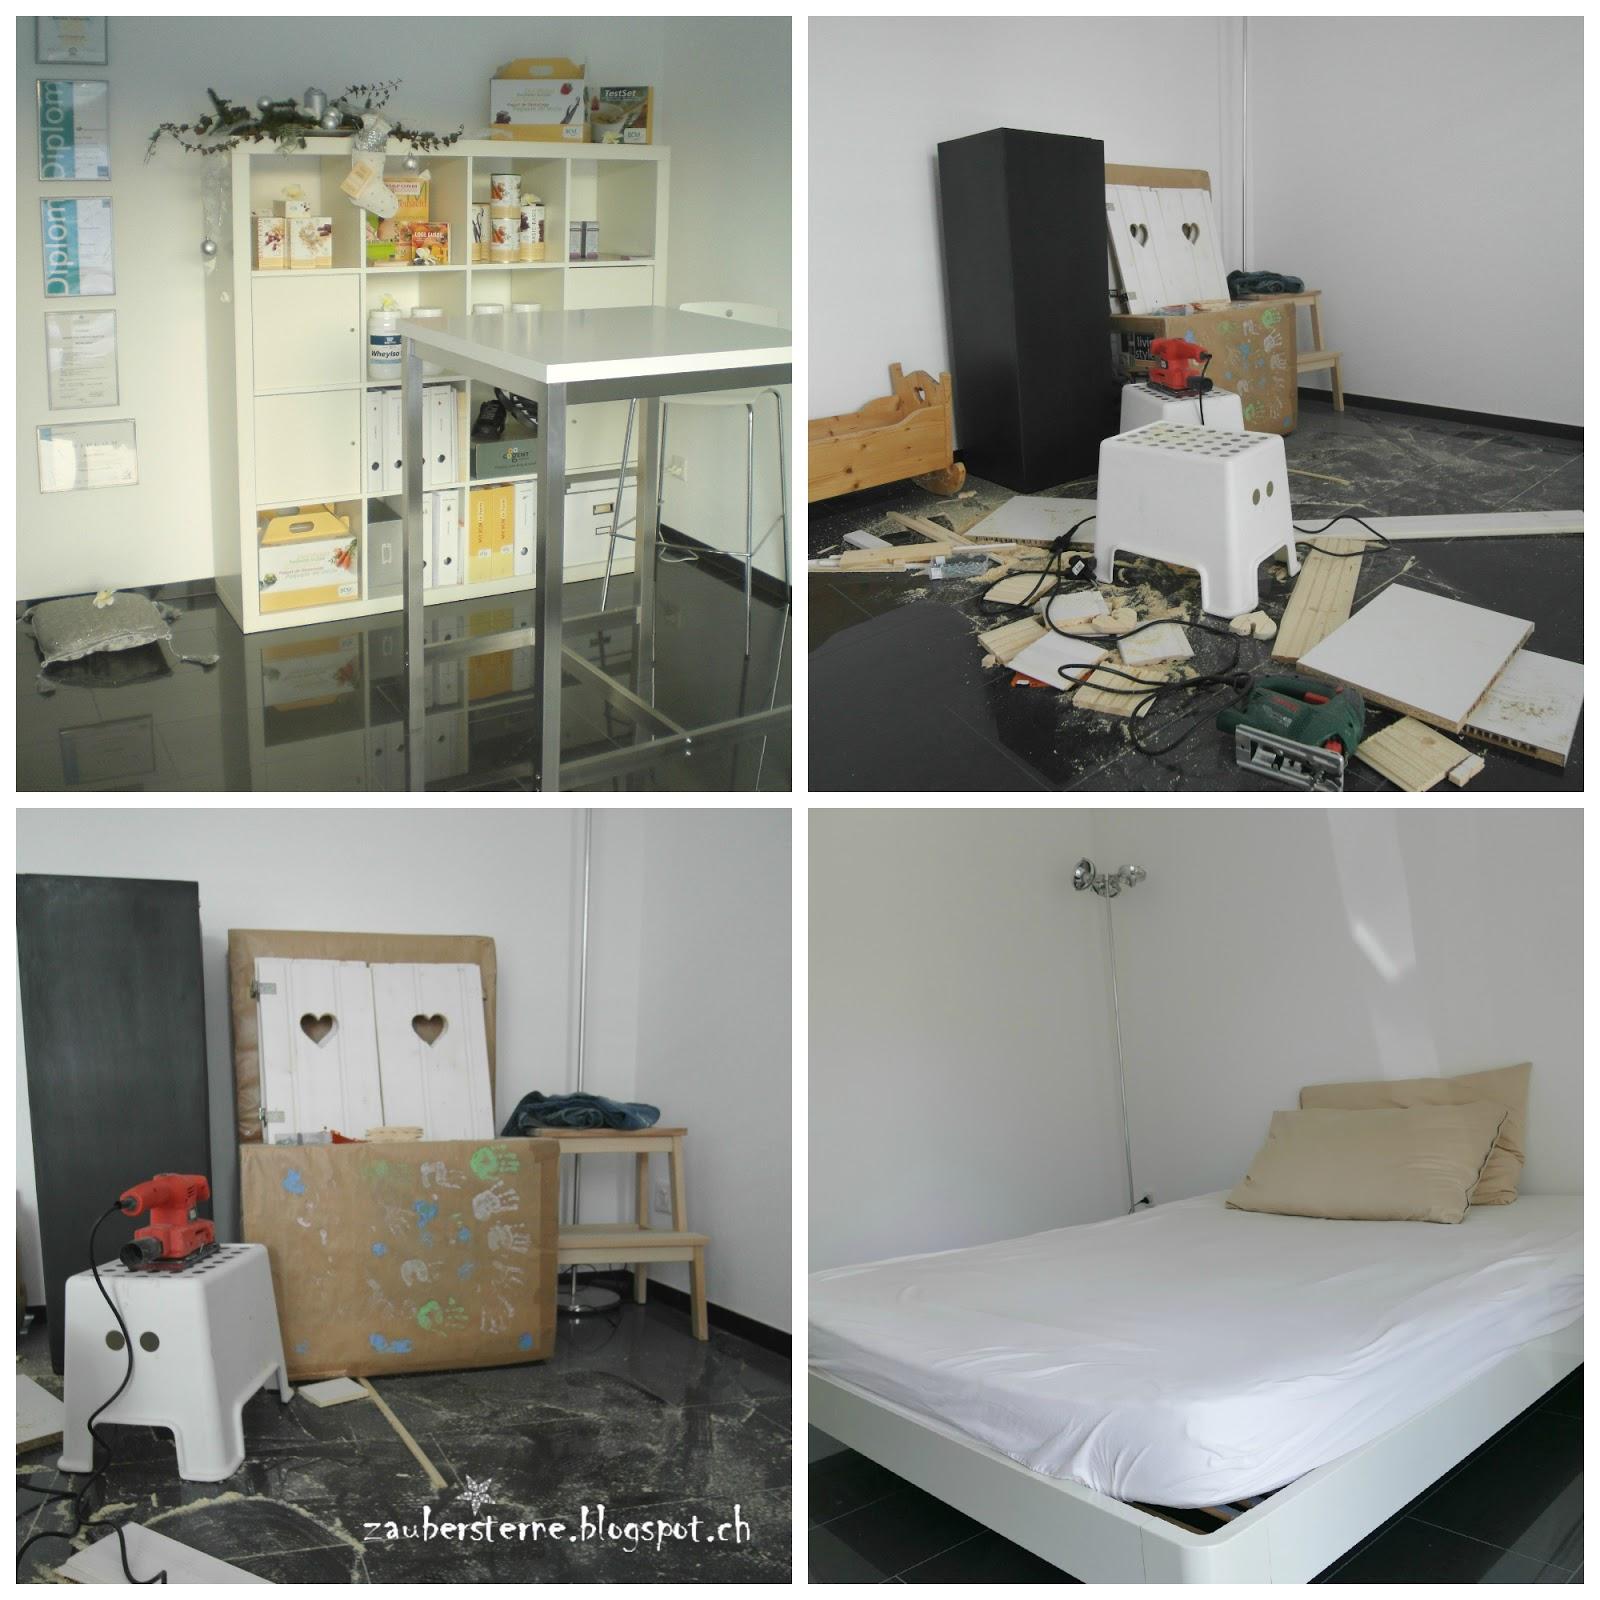 blog schweiz herzlich willkommen im neuen g stezimmer. Black Bedroom Furniture Sets. Home Design Ideas